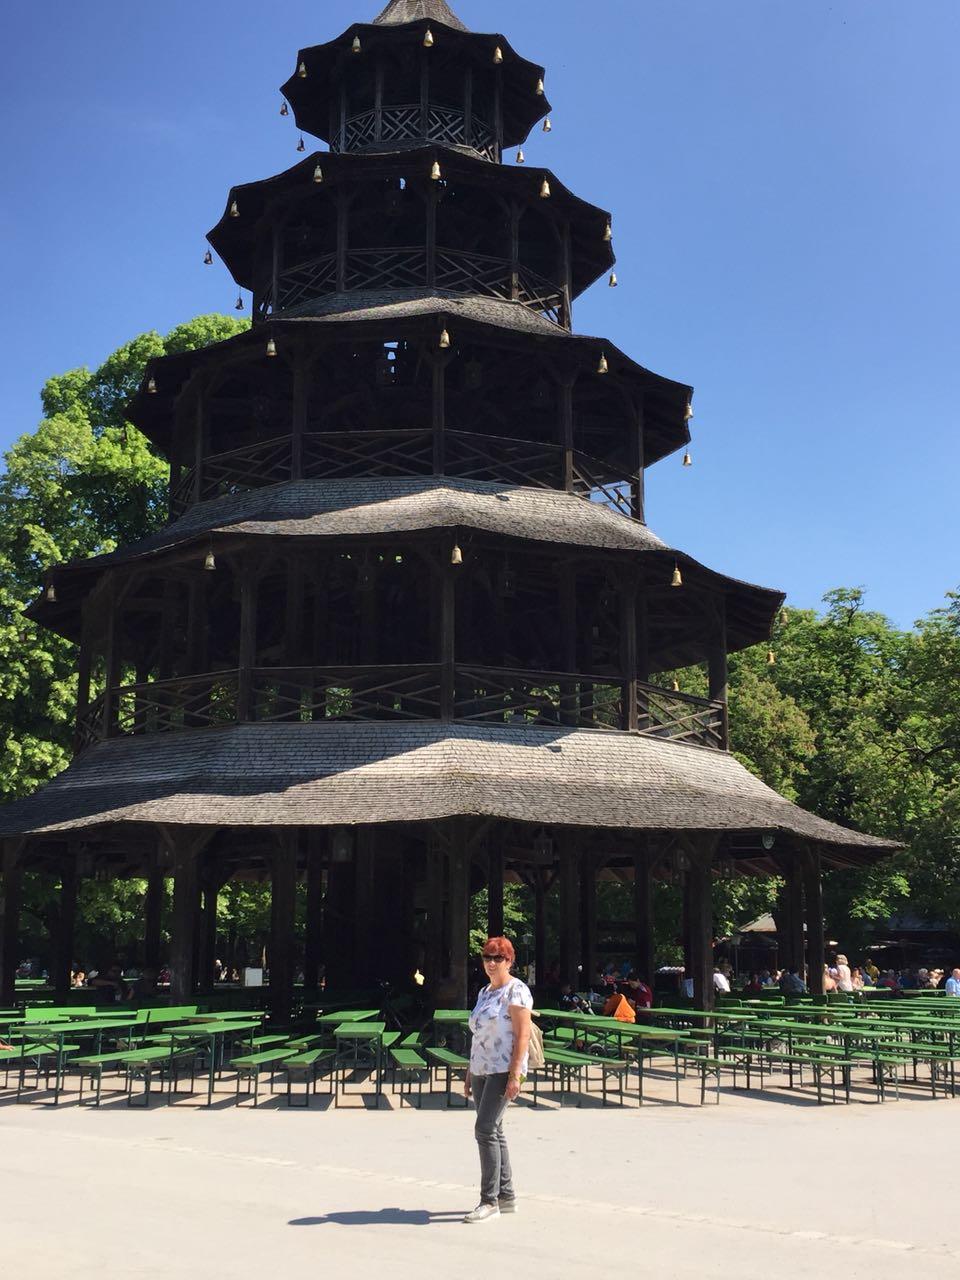 Der über 200 Jahre alte Chinesische Turm im Englischen Garten in München.